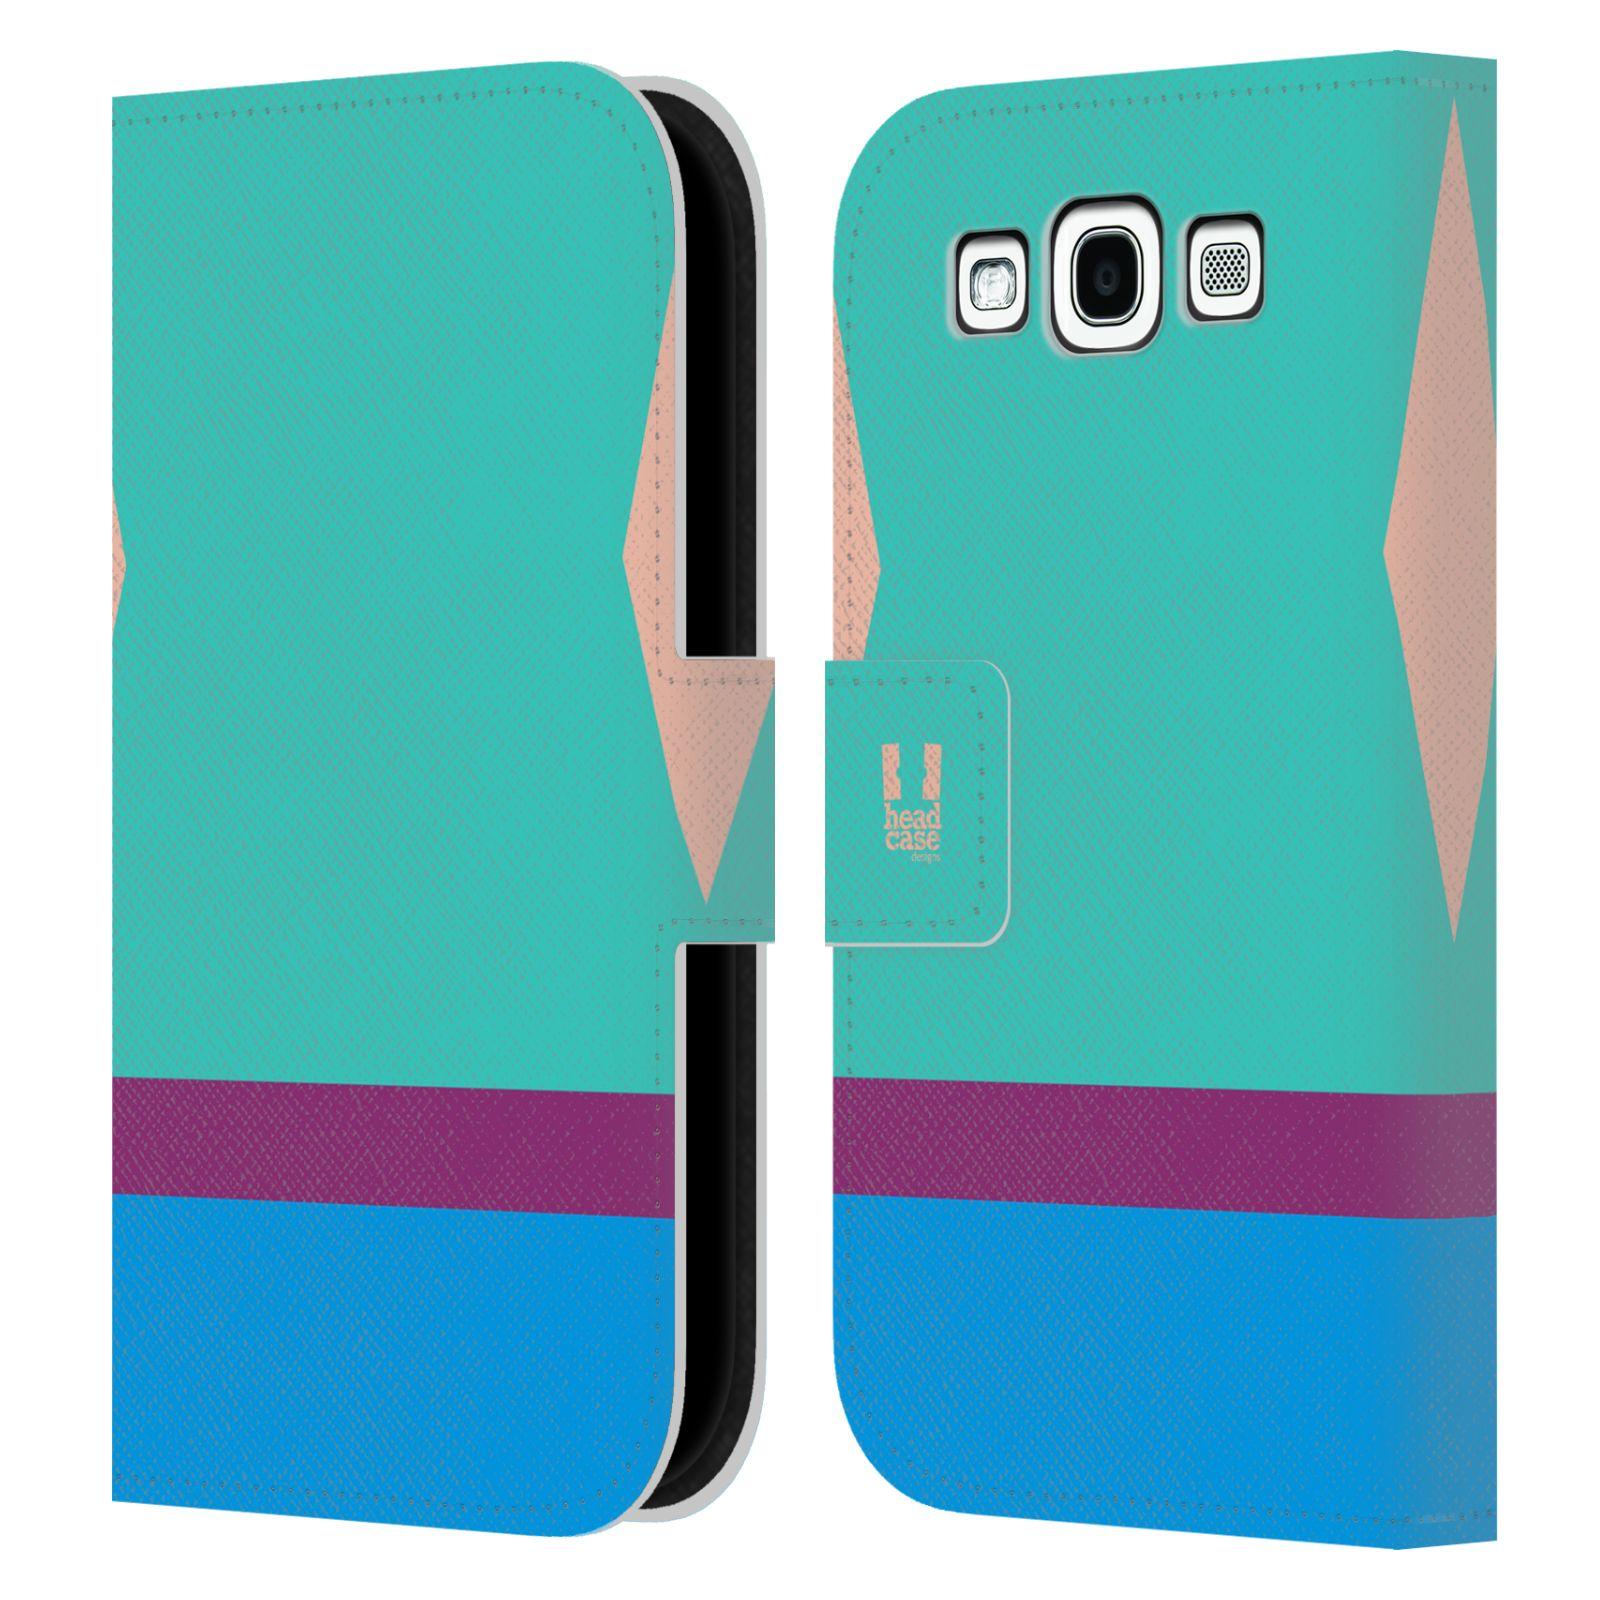 HEAD CASE Flipové pouzdro pro mobil Samsung Galaxy S3 I9300 barevné tvary modrá a fialový pruh